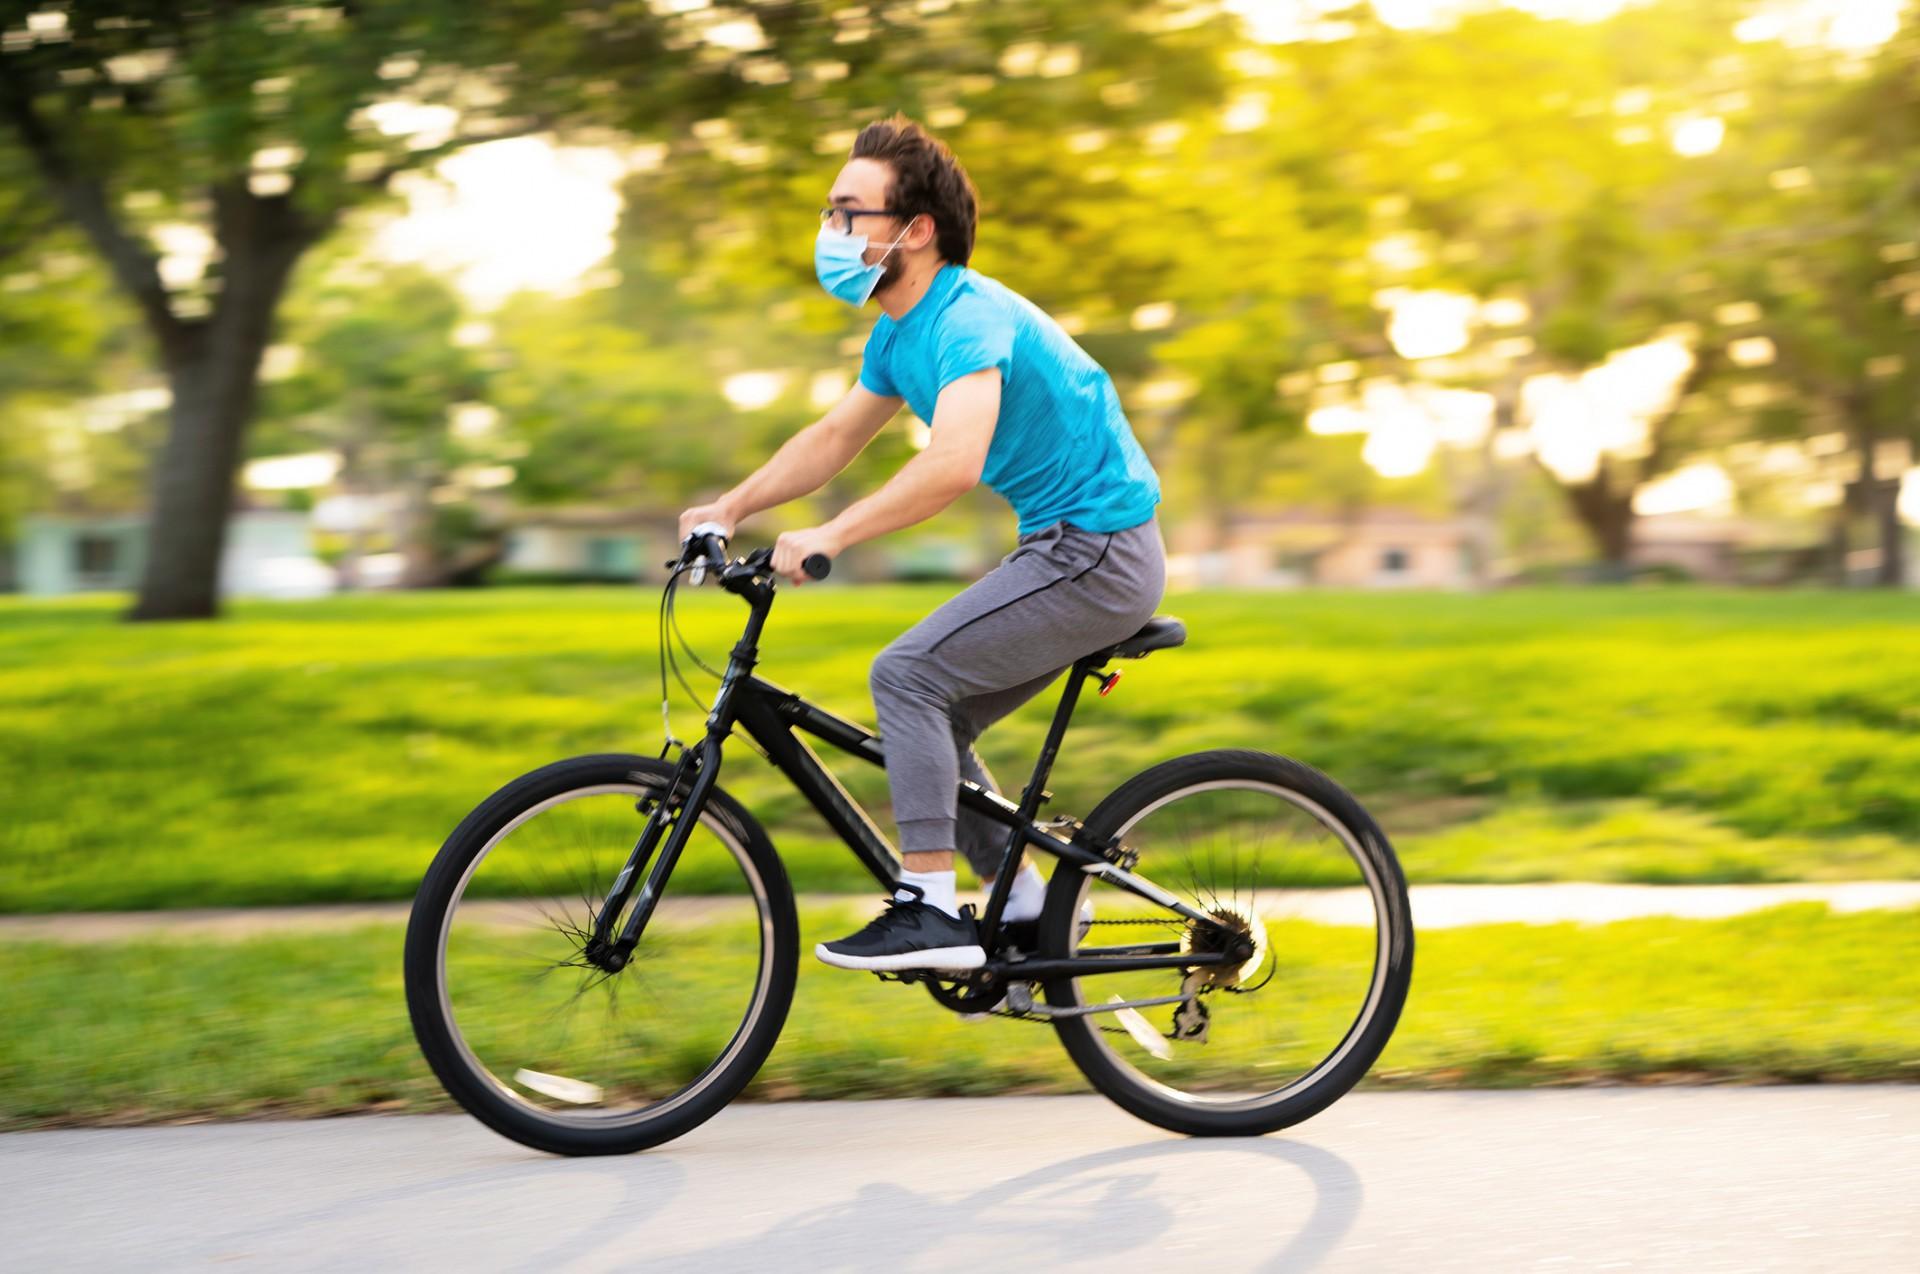 Ao usar a bicicleta, use máscara e evite tocar olhos, boca e nariz